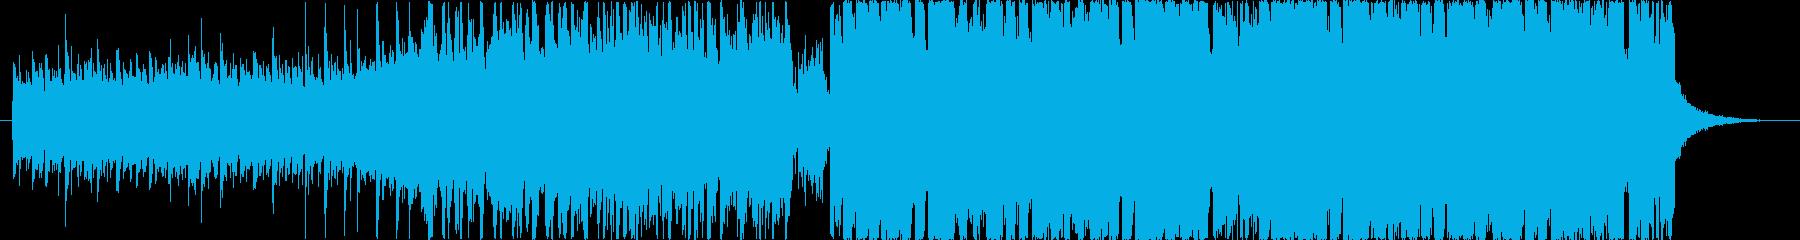 登場シーンや人物紹介で使えるエレクトロの再生済みの波形